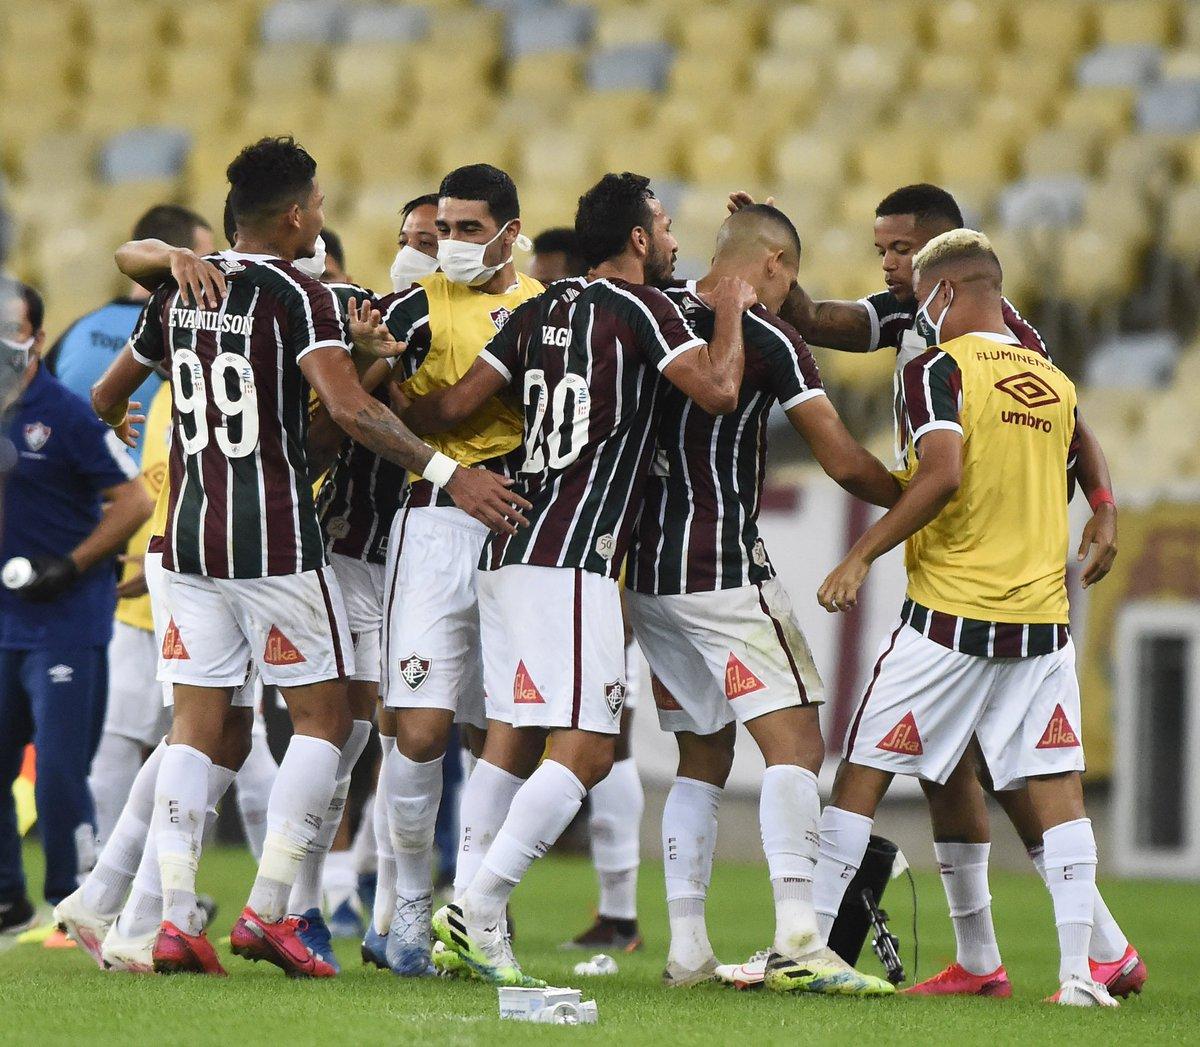 Nos pênaltis, o Fluminense vence o Flamengo e conquista a Taça Rio 2020! https://t.co/AgZAKb19yC